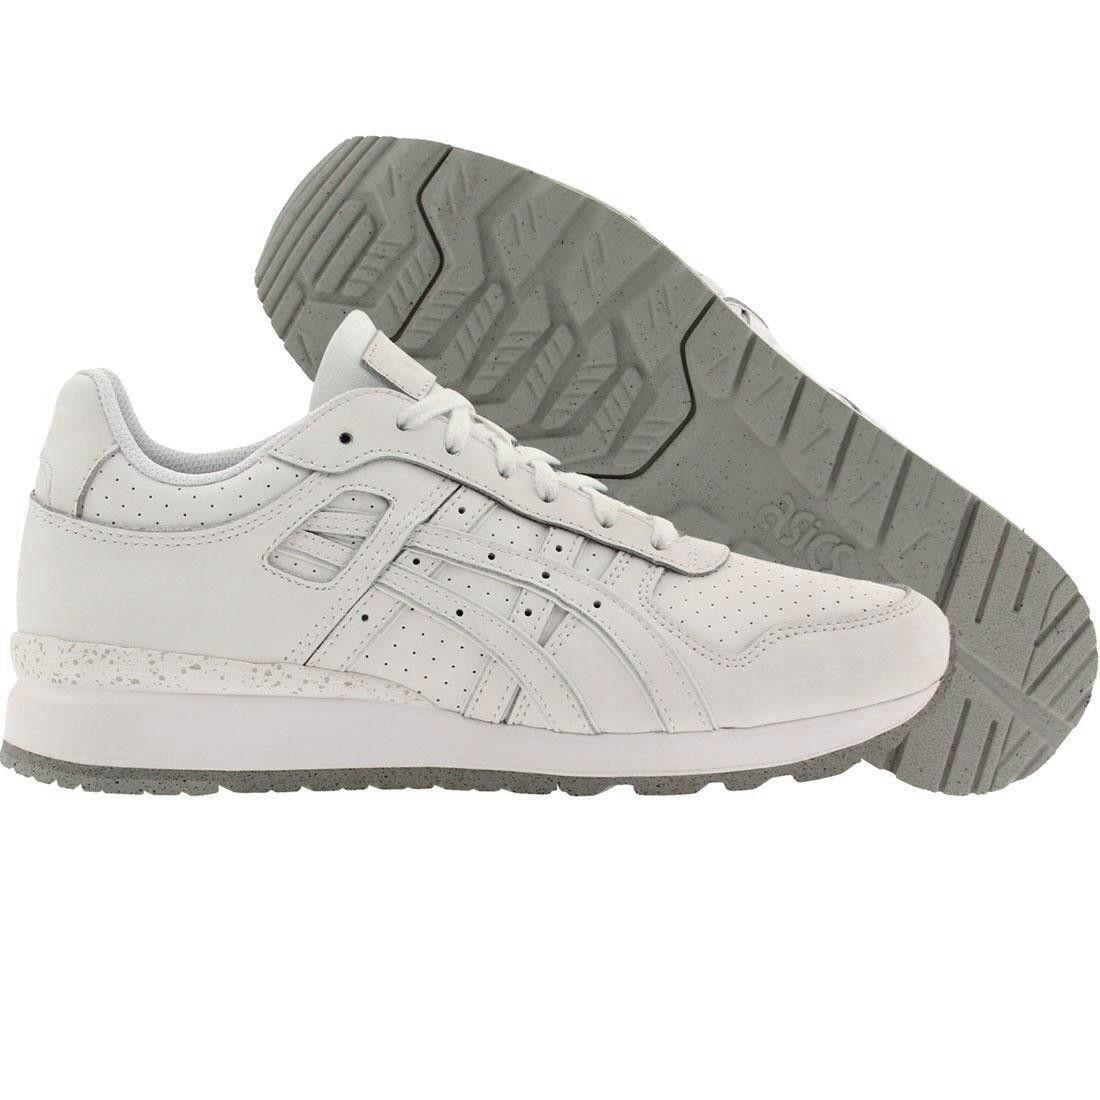 de nouveaux circuits rétro  blanc / gris h50fk.0101 h50fk.0101 h50fk.0101 gt ii hommes courir chaussure taille osseuse 11,5 | Outlet Online Store  5959c3